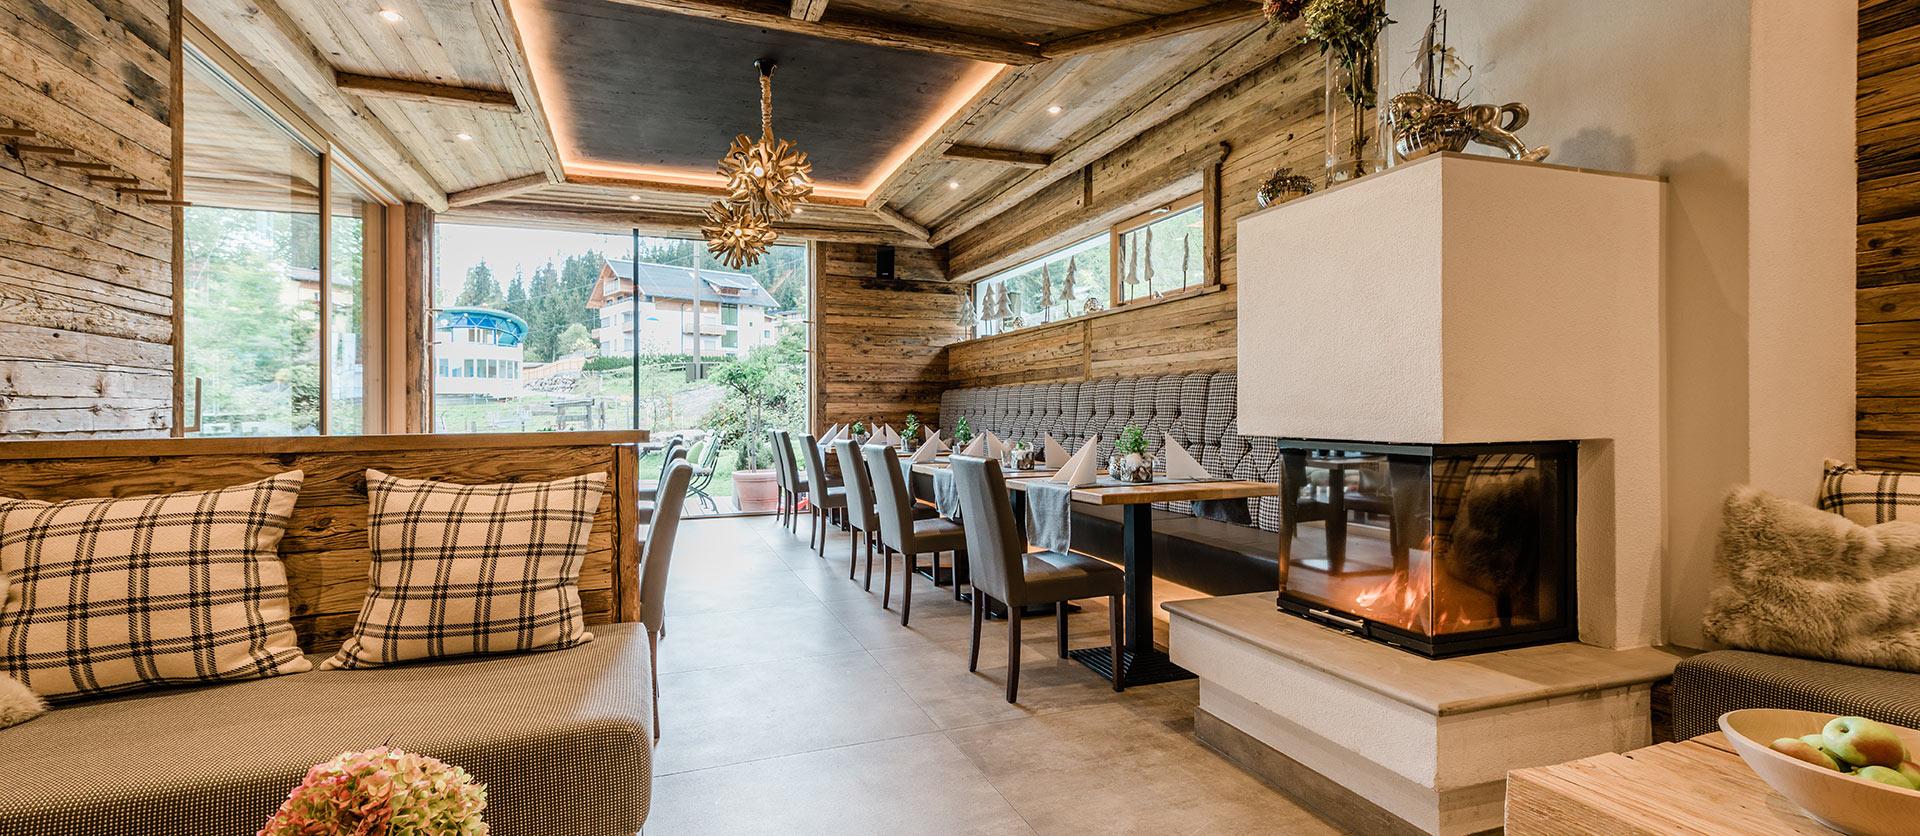 Zum Holzwurm - Ihr Restaurant in Flachau, Salzburger Land